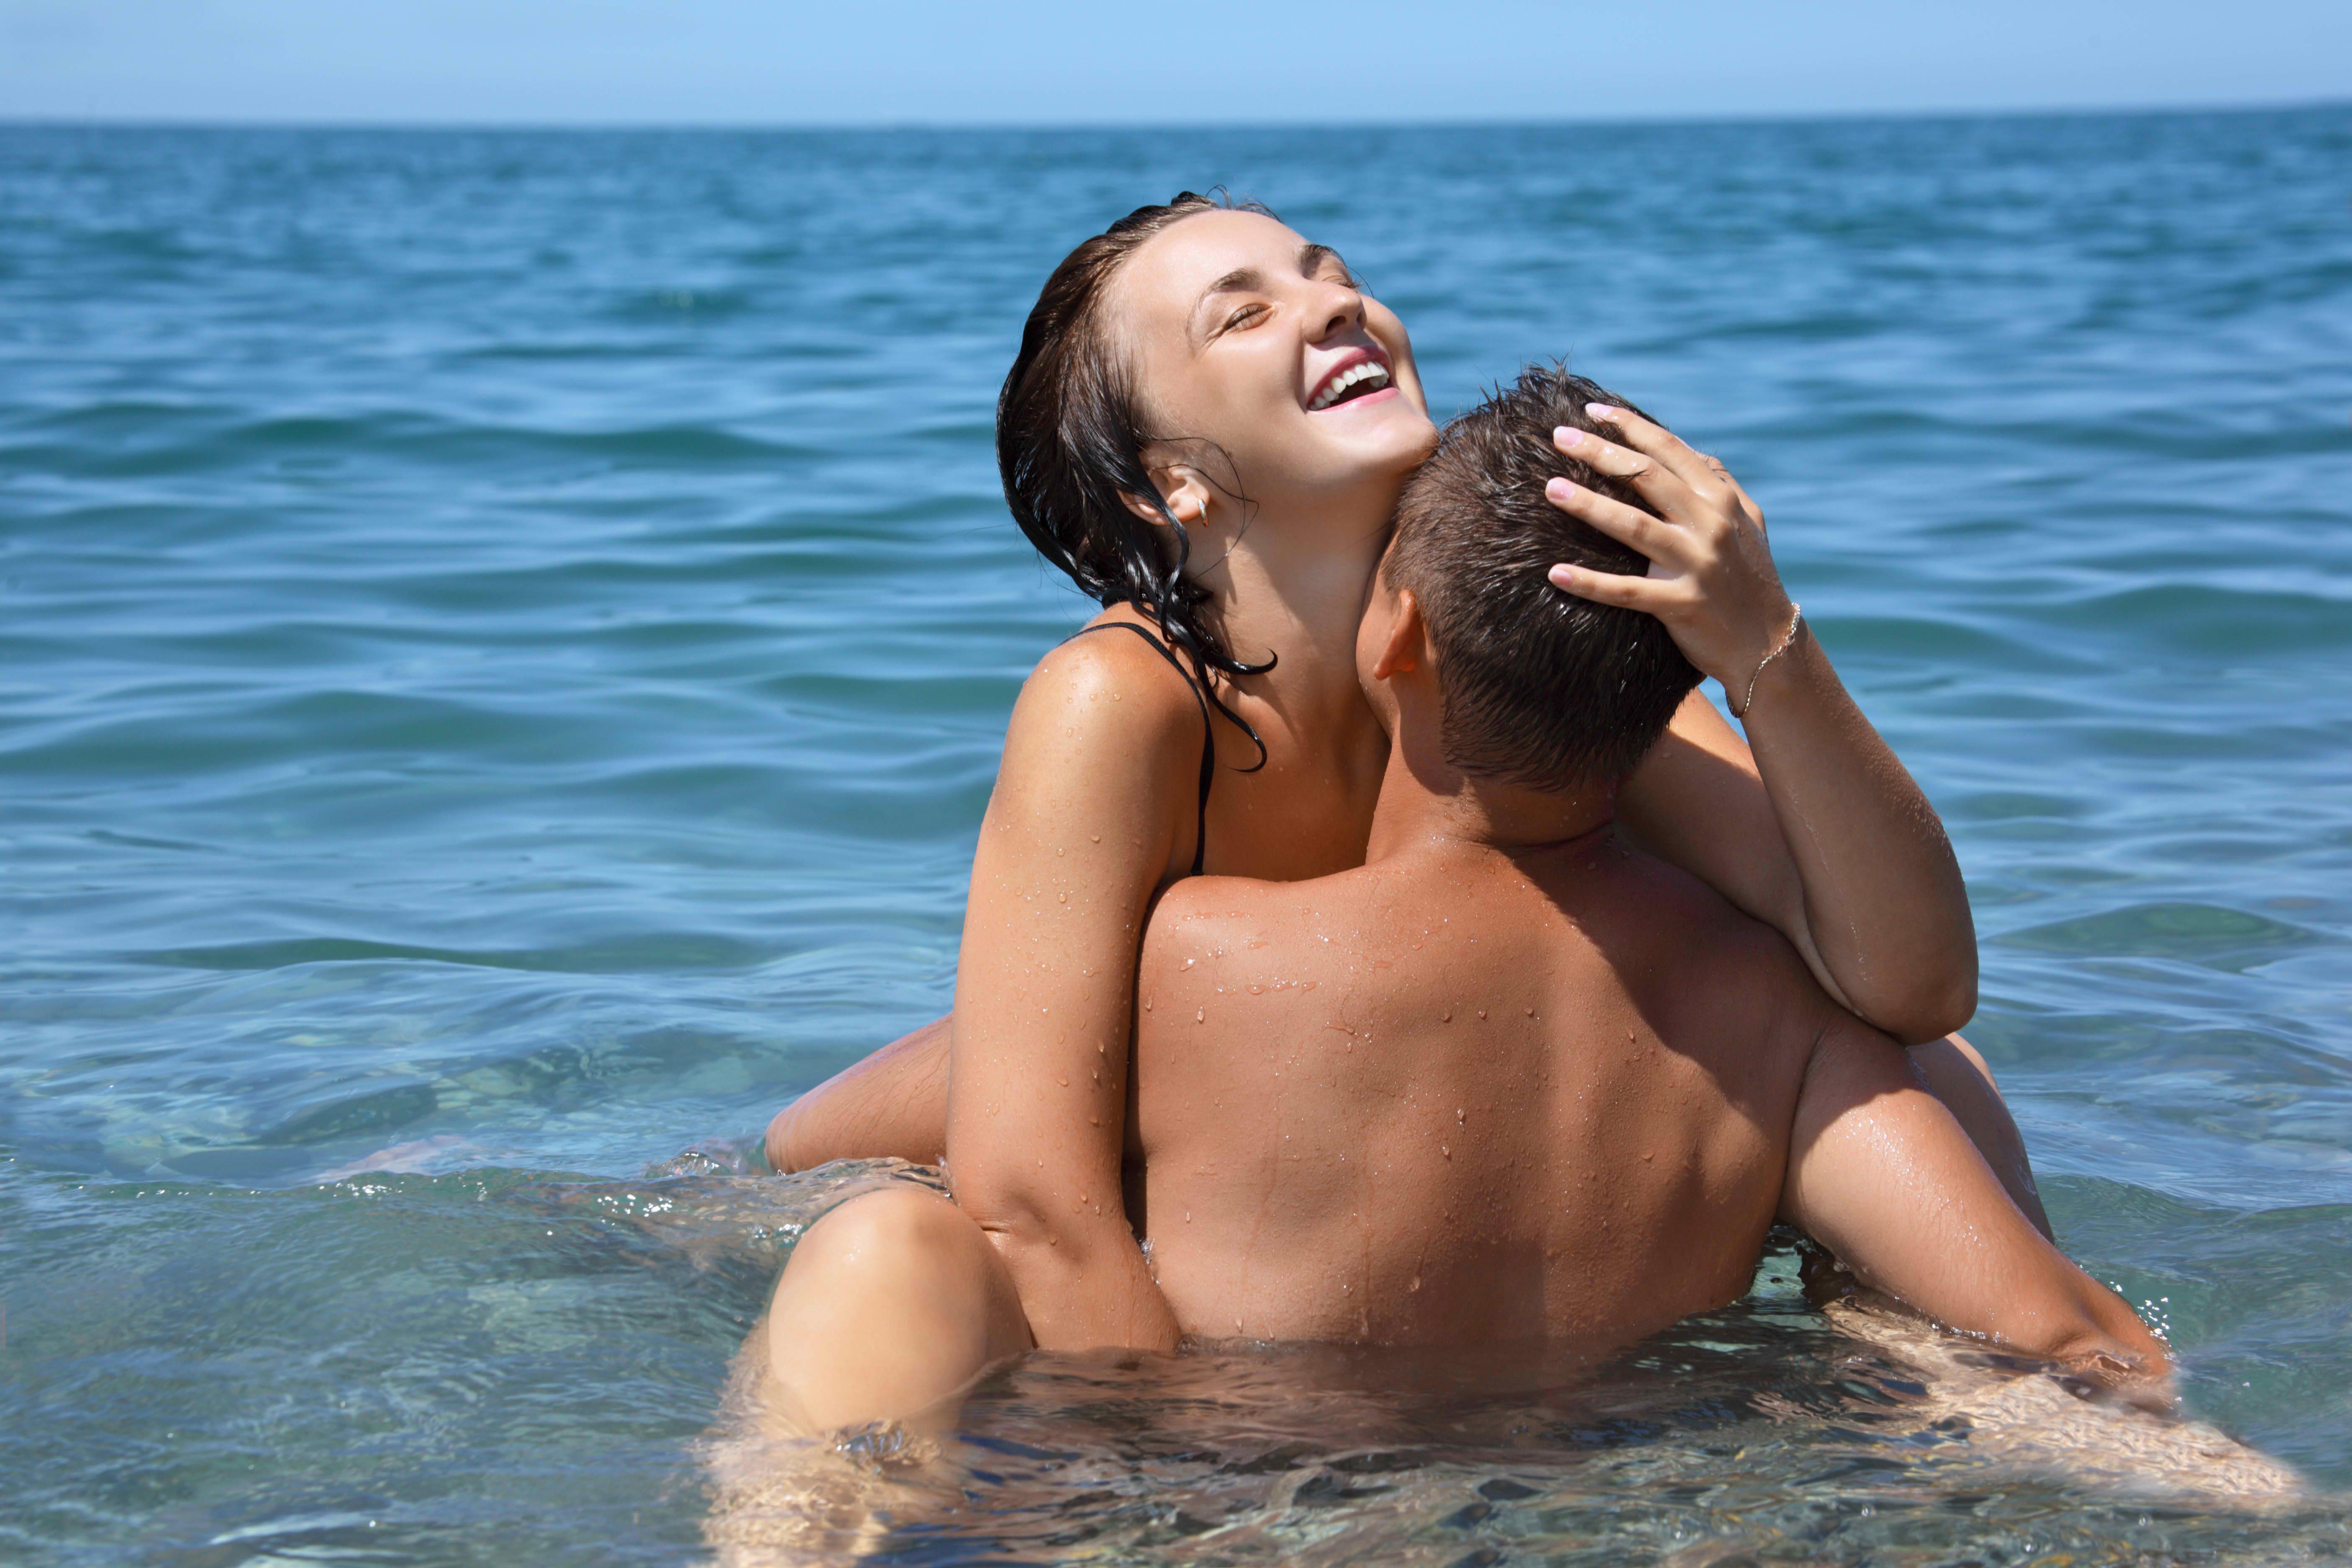 Секс позы на воде картинки 8 фотография